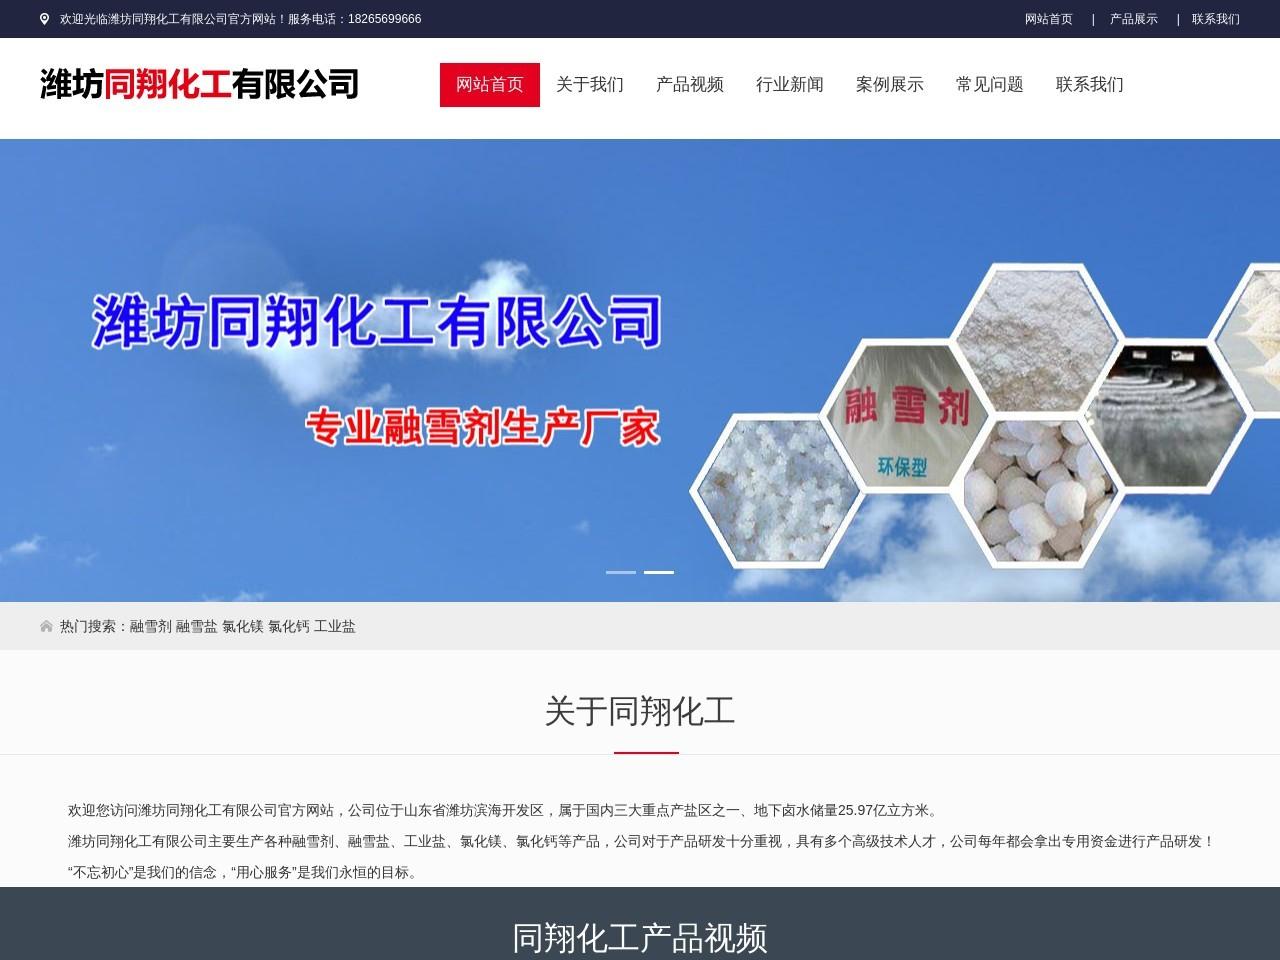 潍坊同翔化工有限公司